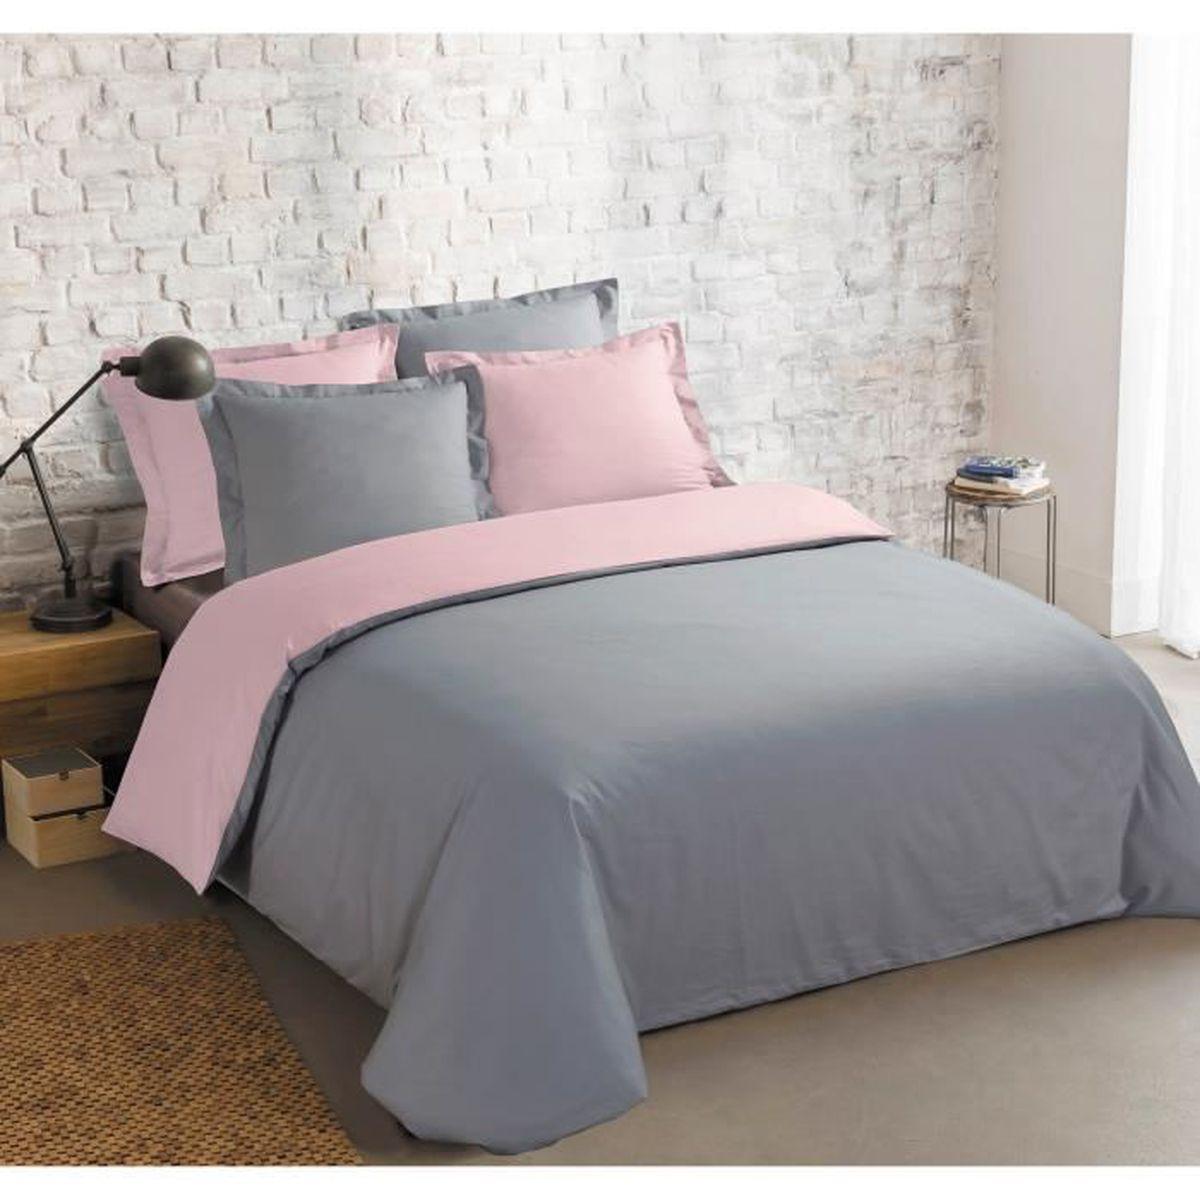 parure de lit 240x260. Black Bedroom Furniture Sets. Home Design Ideas